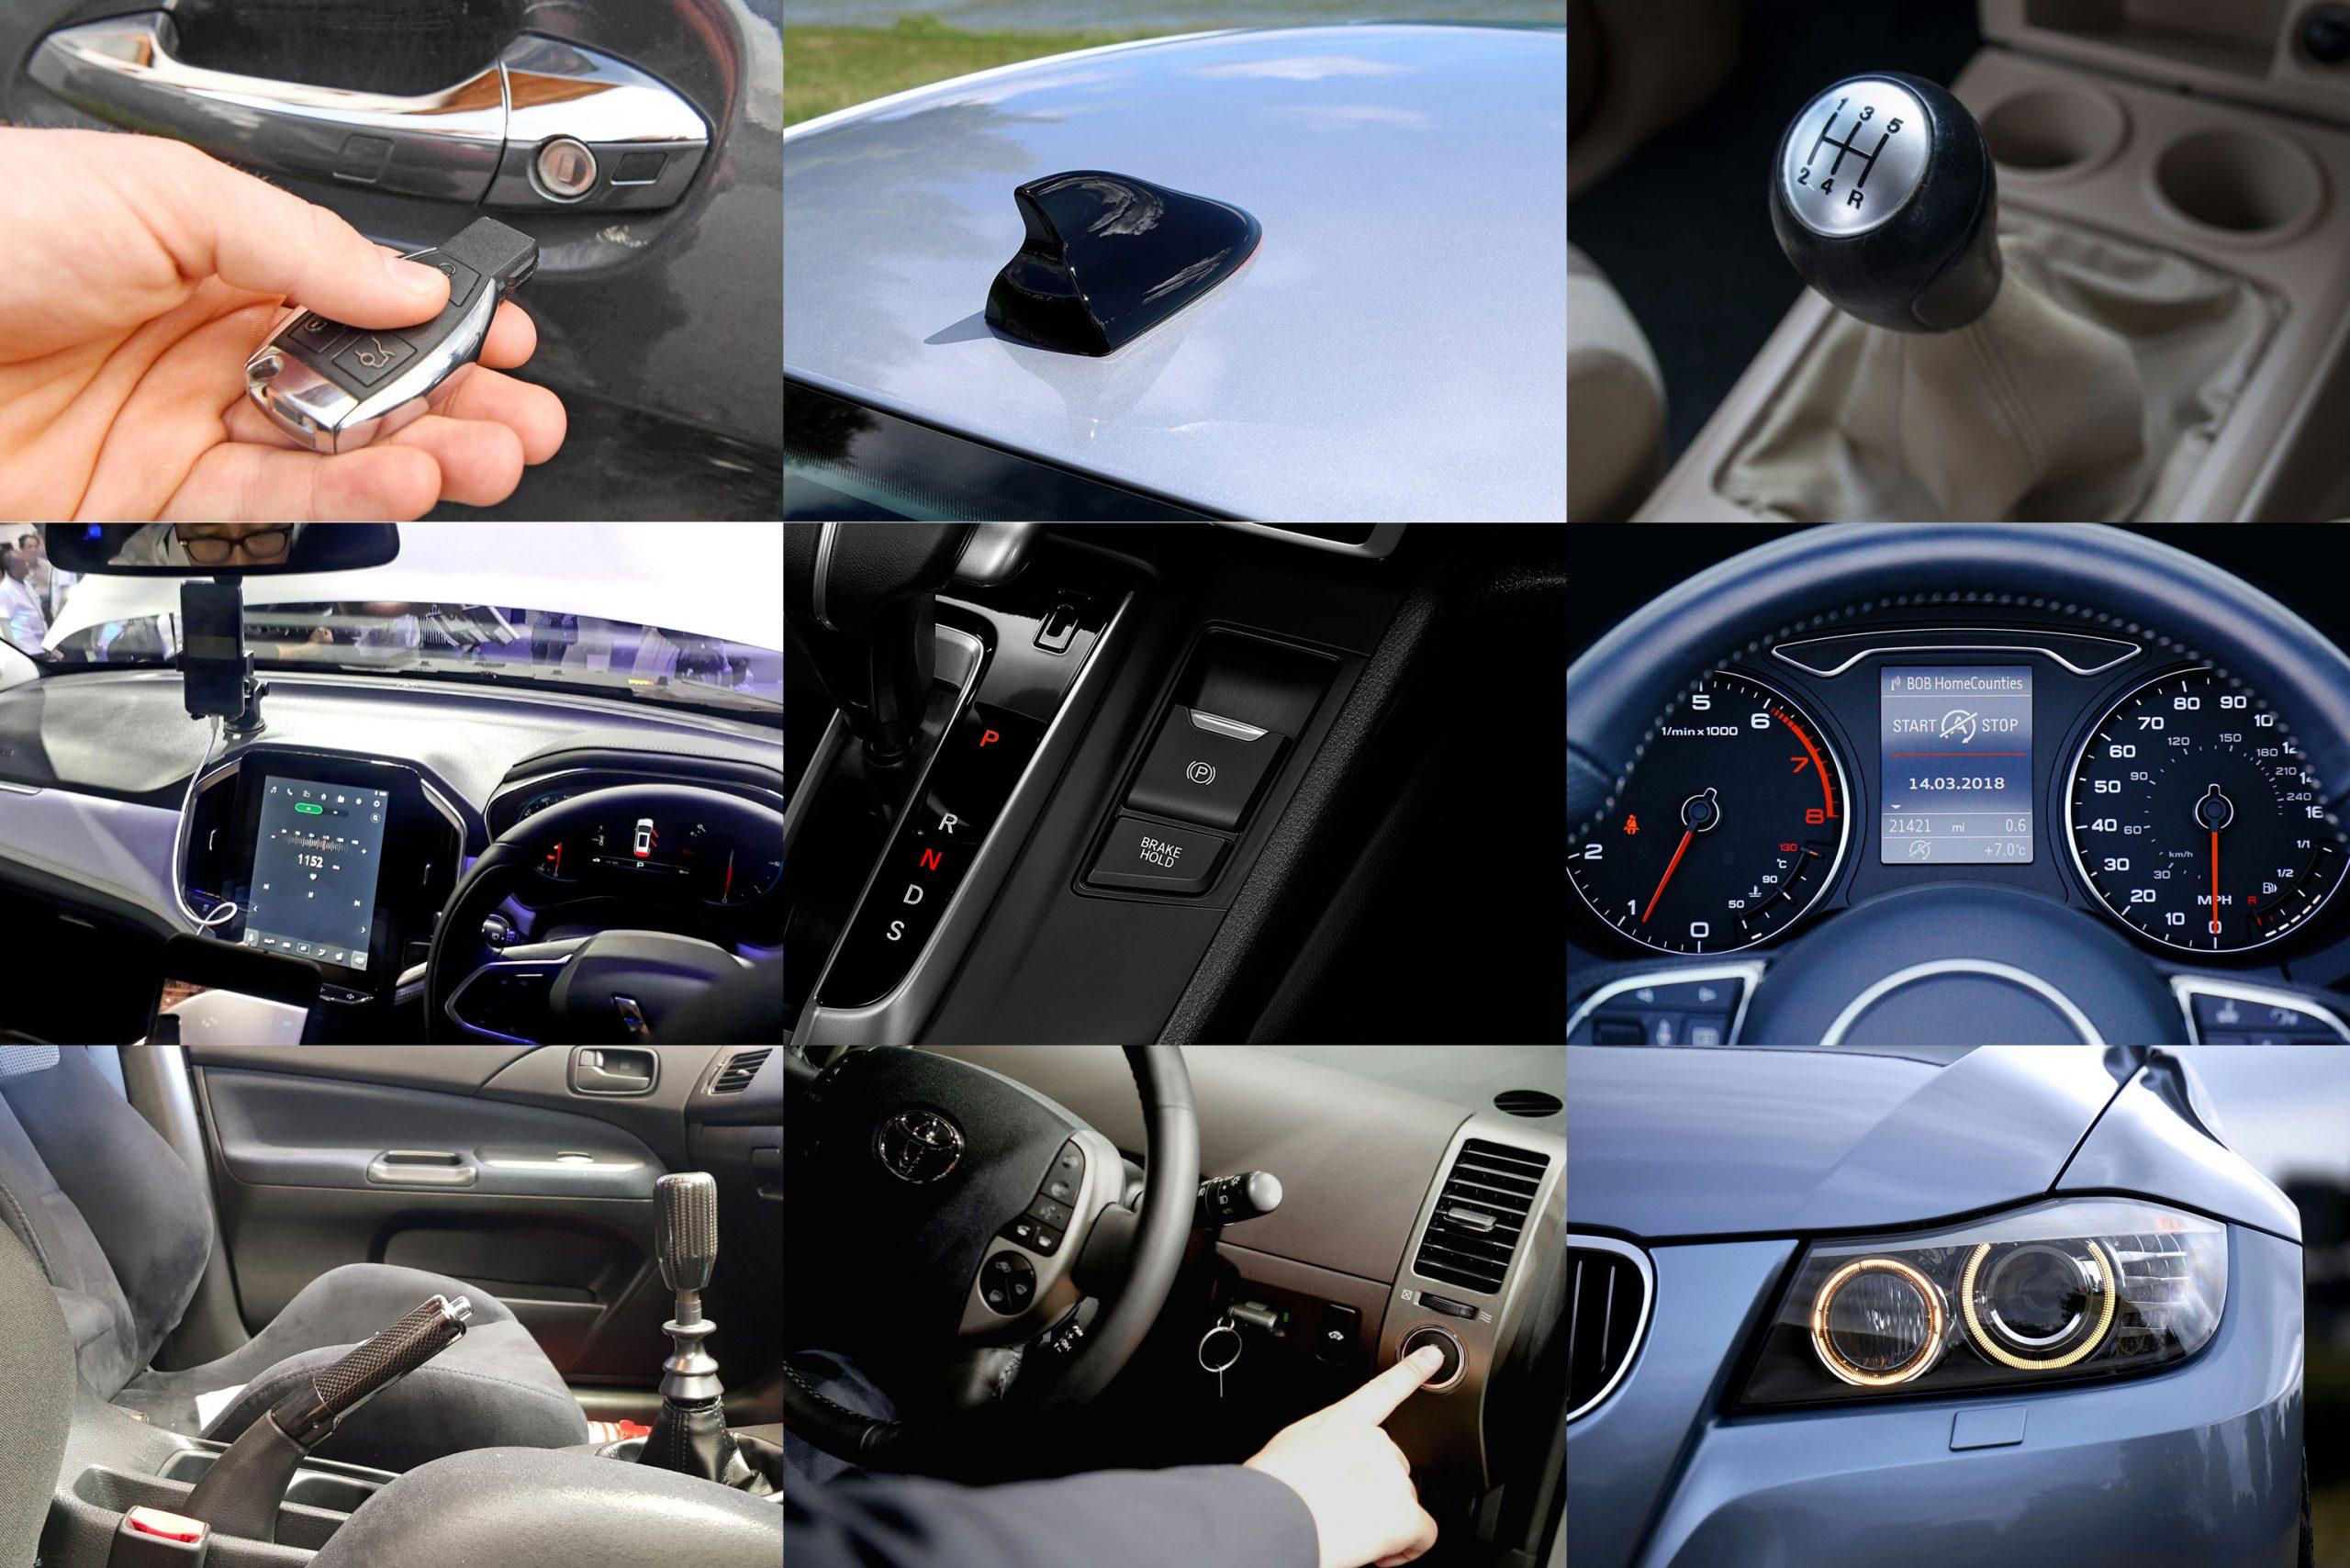 FEATURE: Ini 7 Fitur Mobil yang Bakal Punah Dihantam Teknologi